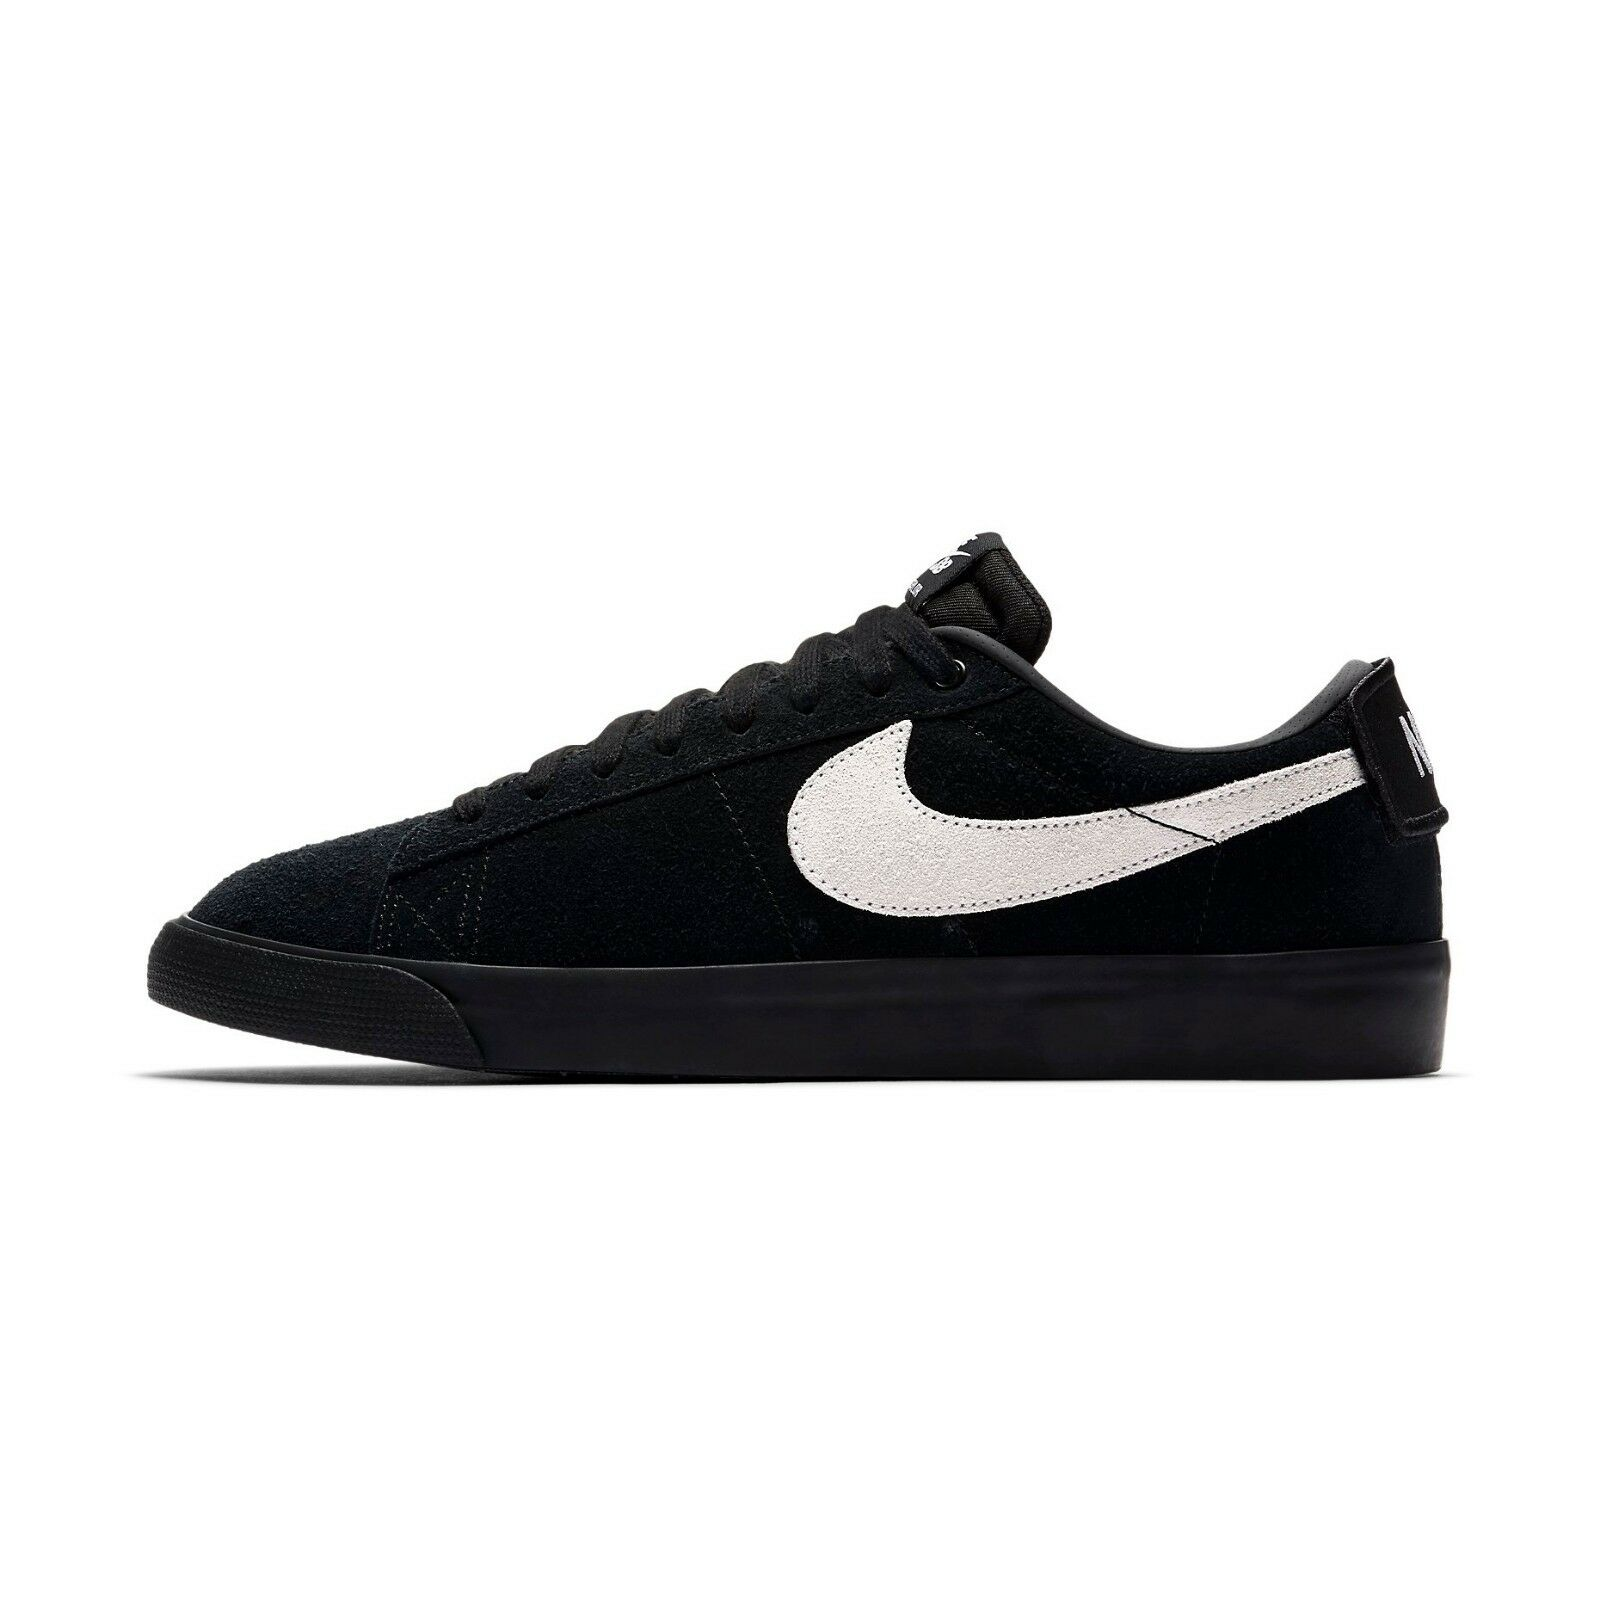 Nike - Blazer Low GT | Uomo Skate Shoes - 943849-010 | Nero / White